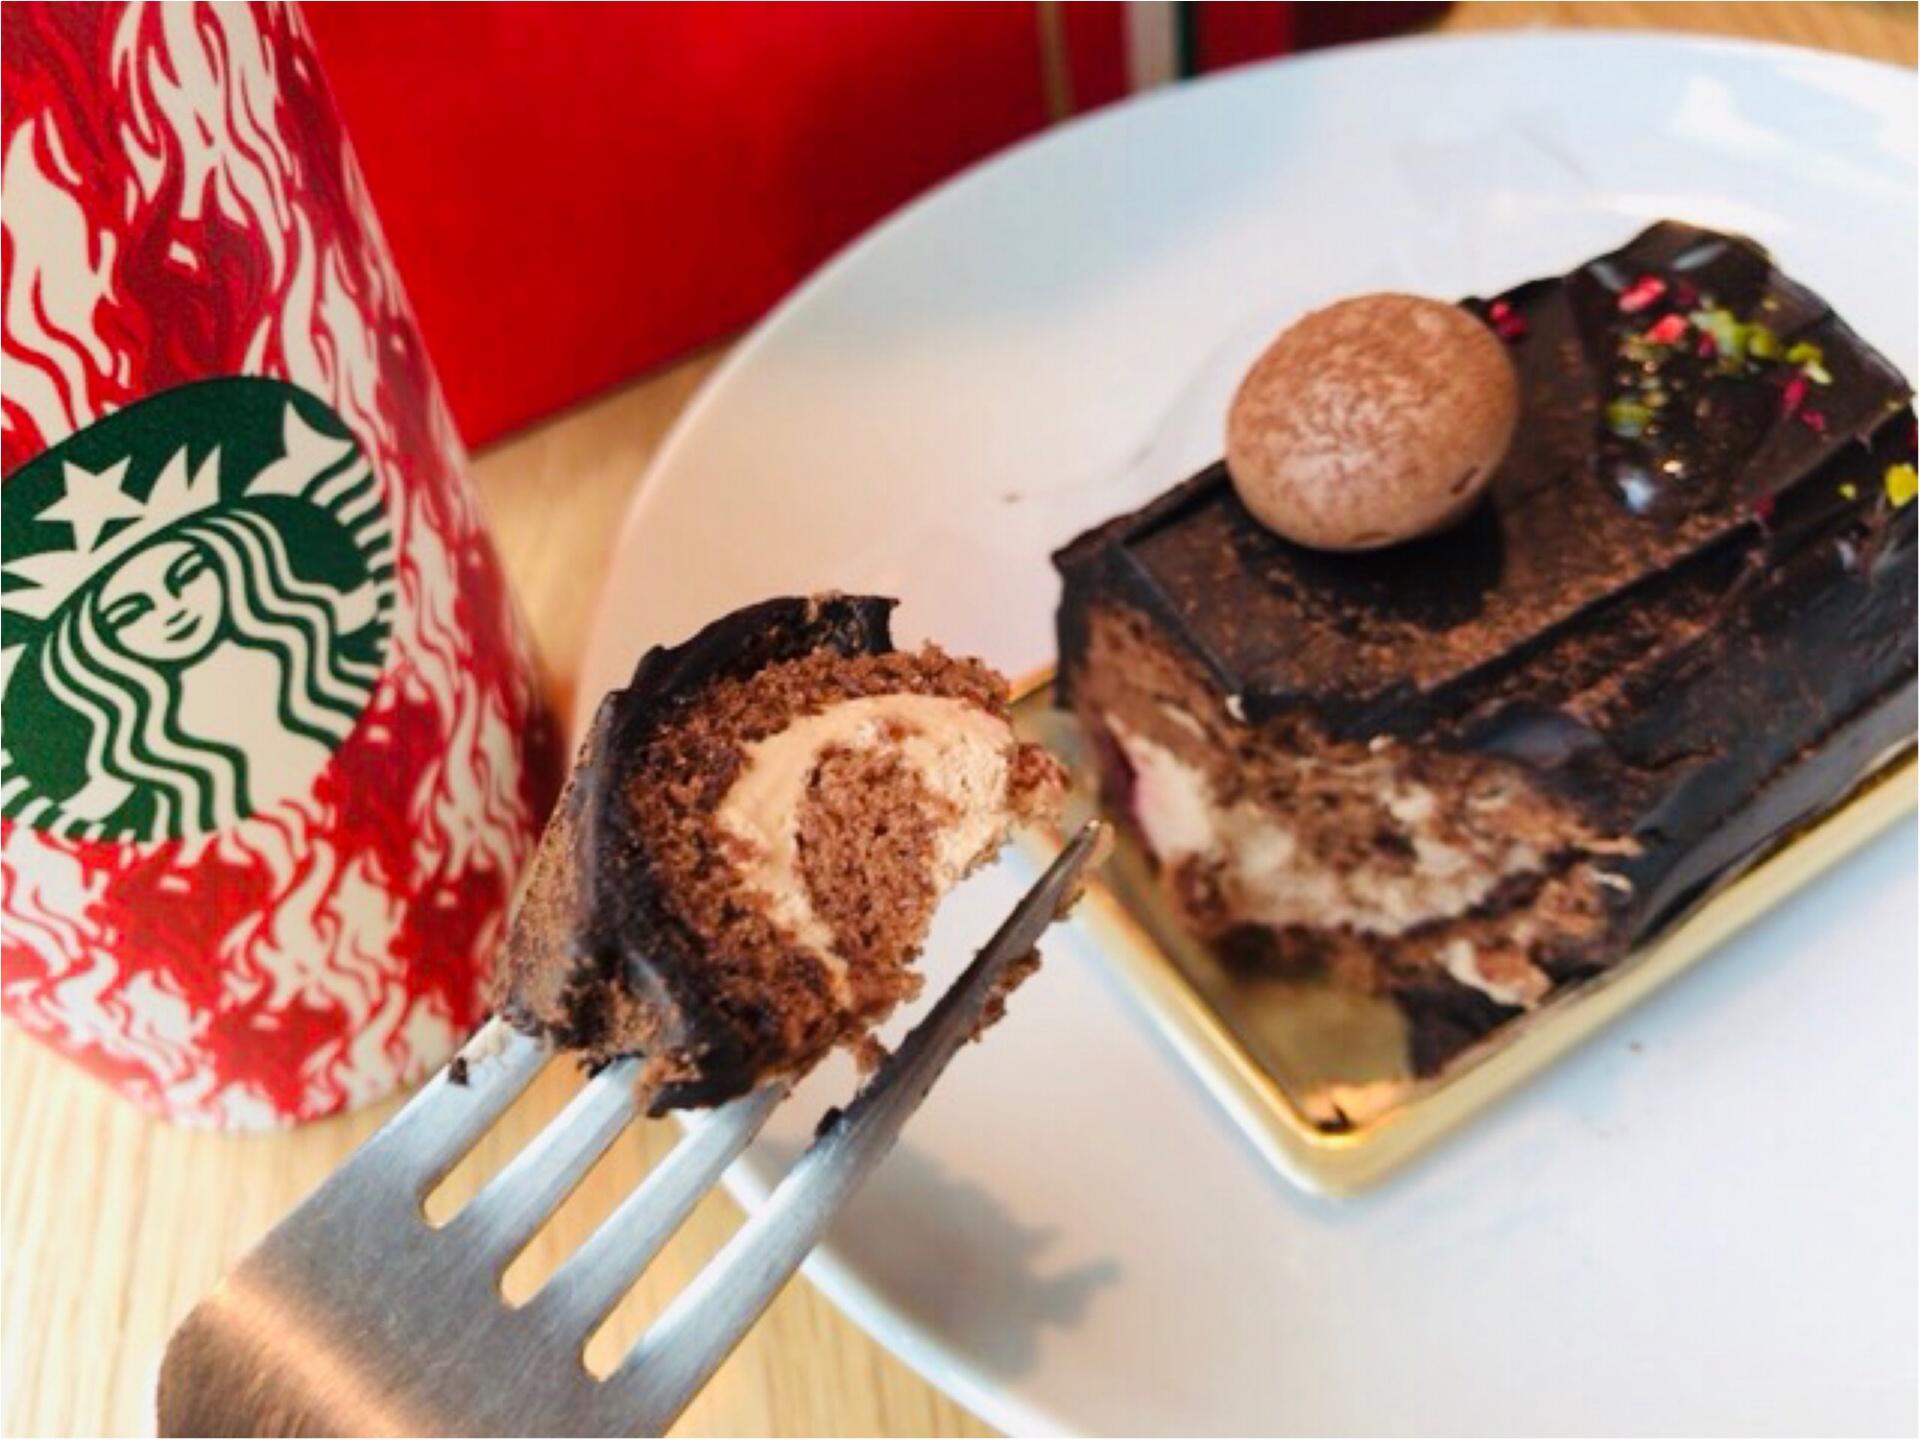 【スタバ】絶対食べて!新作クリスマスフード《ブッシュドノエル》が可愛すぎる♡_3